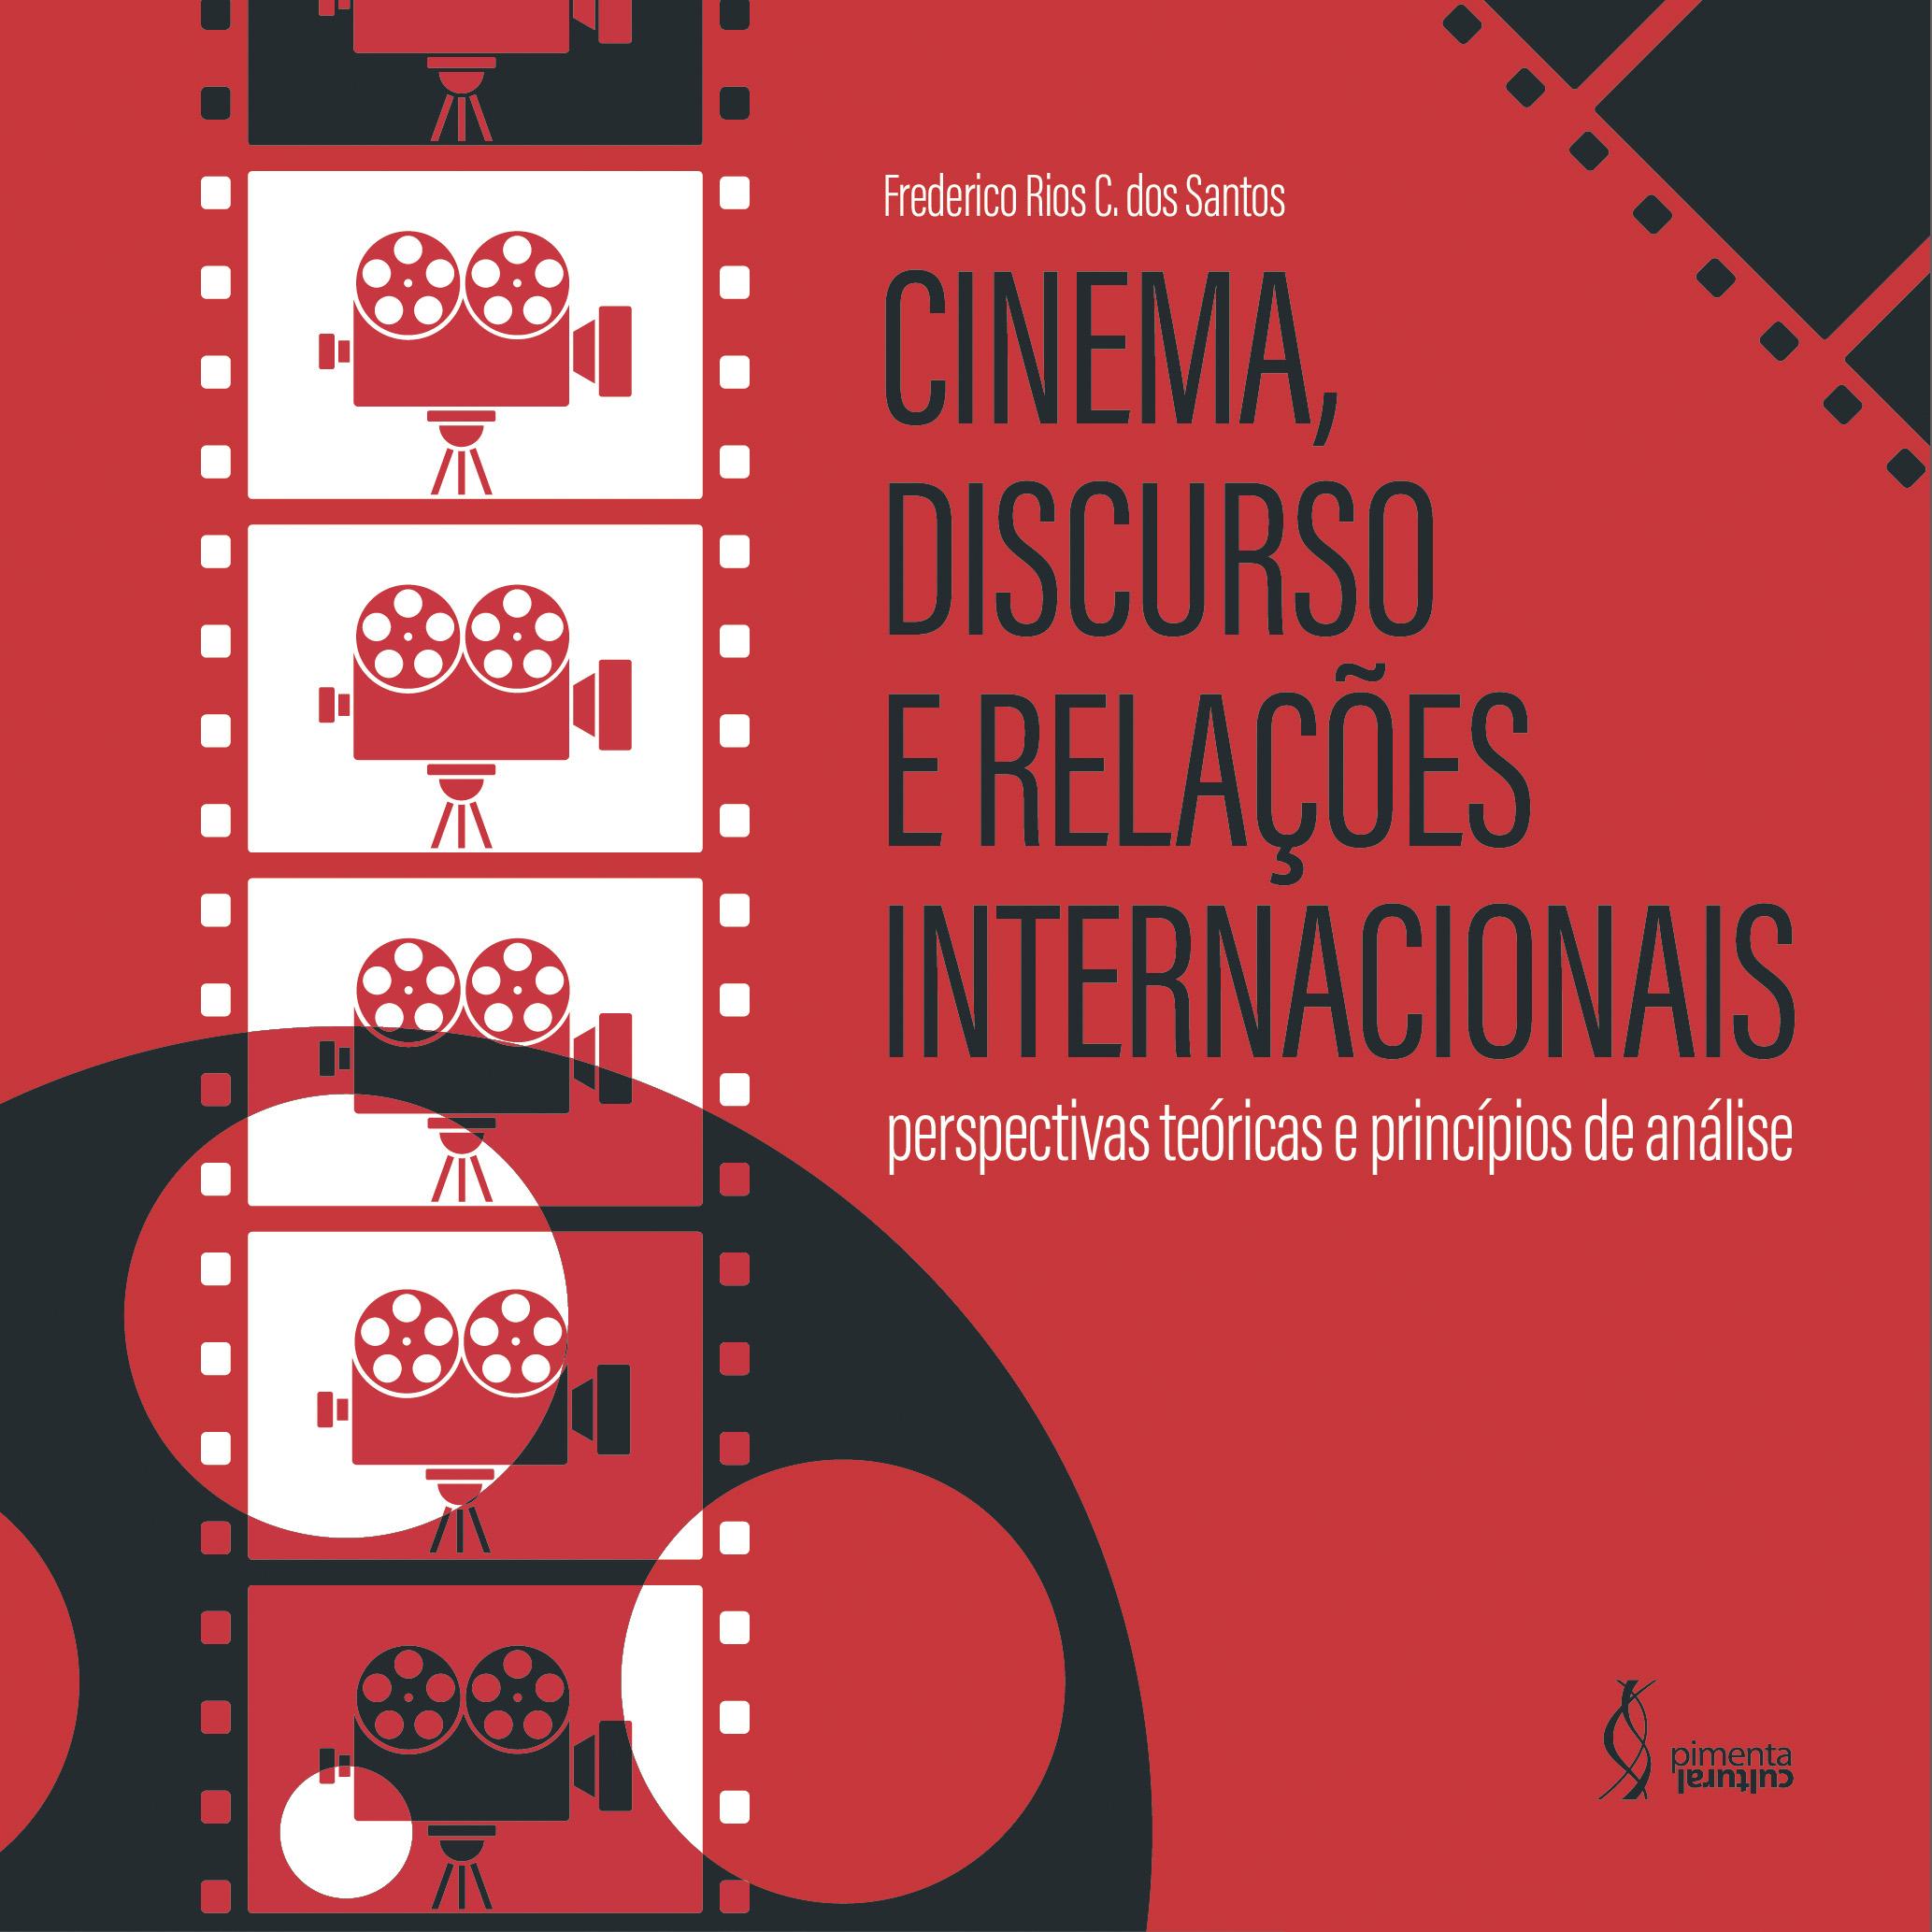 Cinema, discurso e relações internac